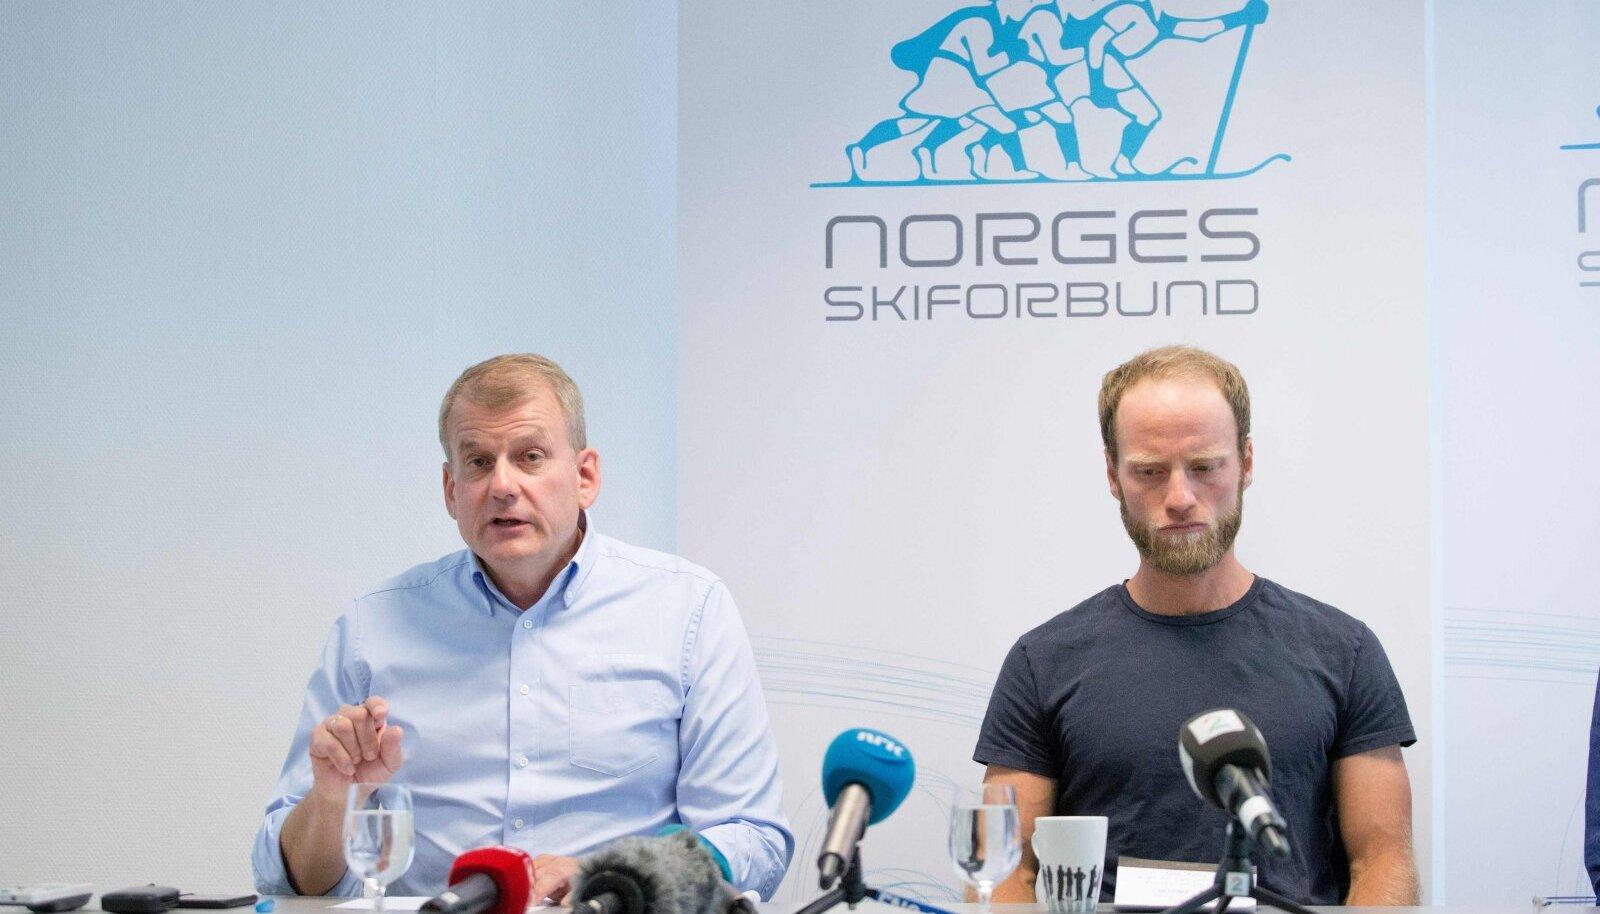 Erik Røste (vasakul) ja Martin Johnsrud Sundby 2016. aastal Sundby dopinguskandaali ajal